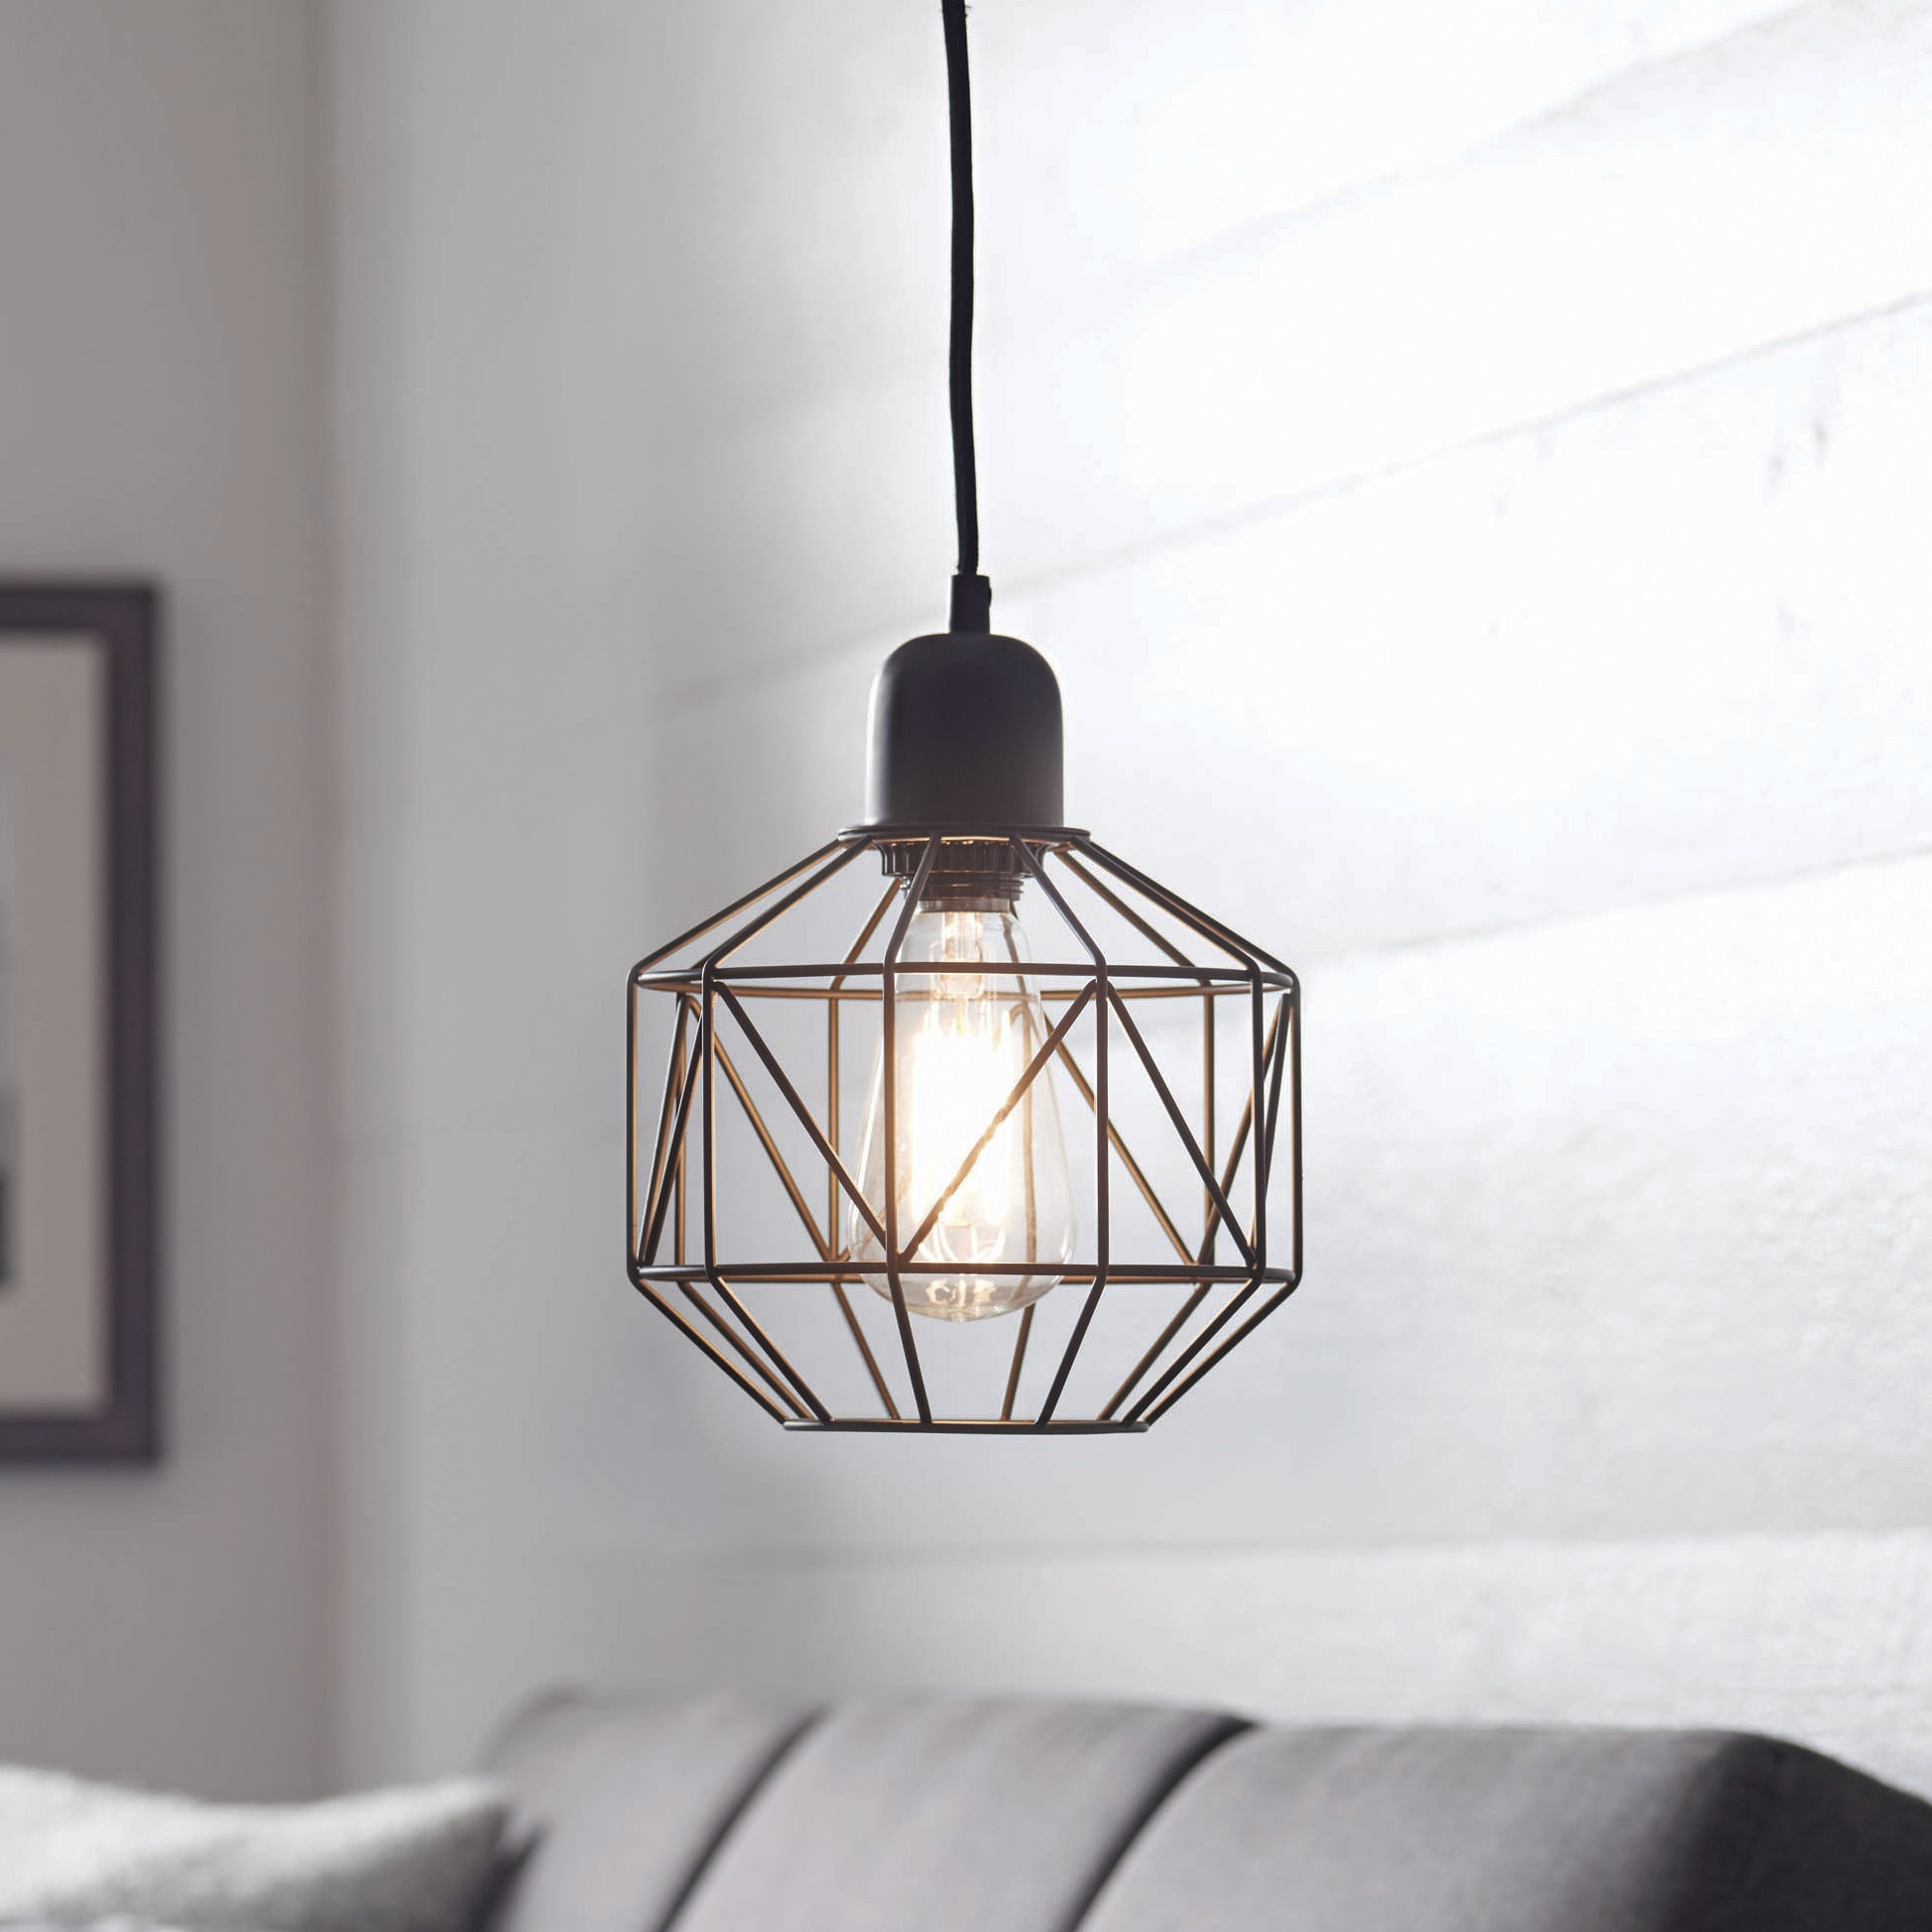 A modern light fixture hanging up